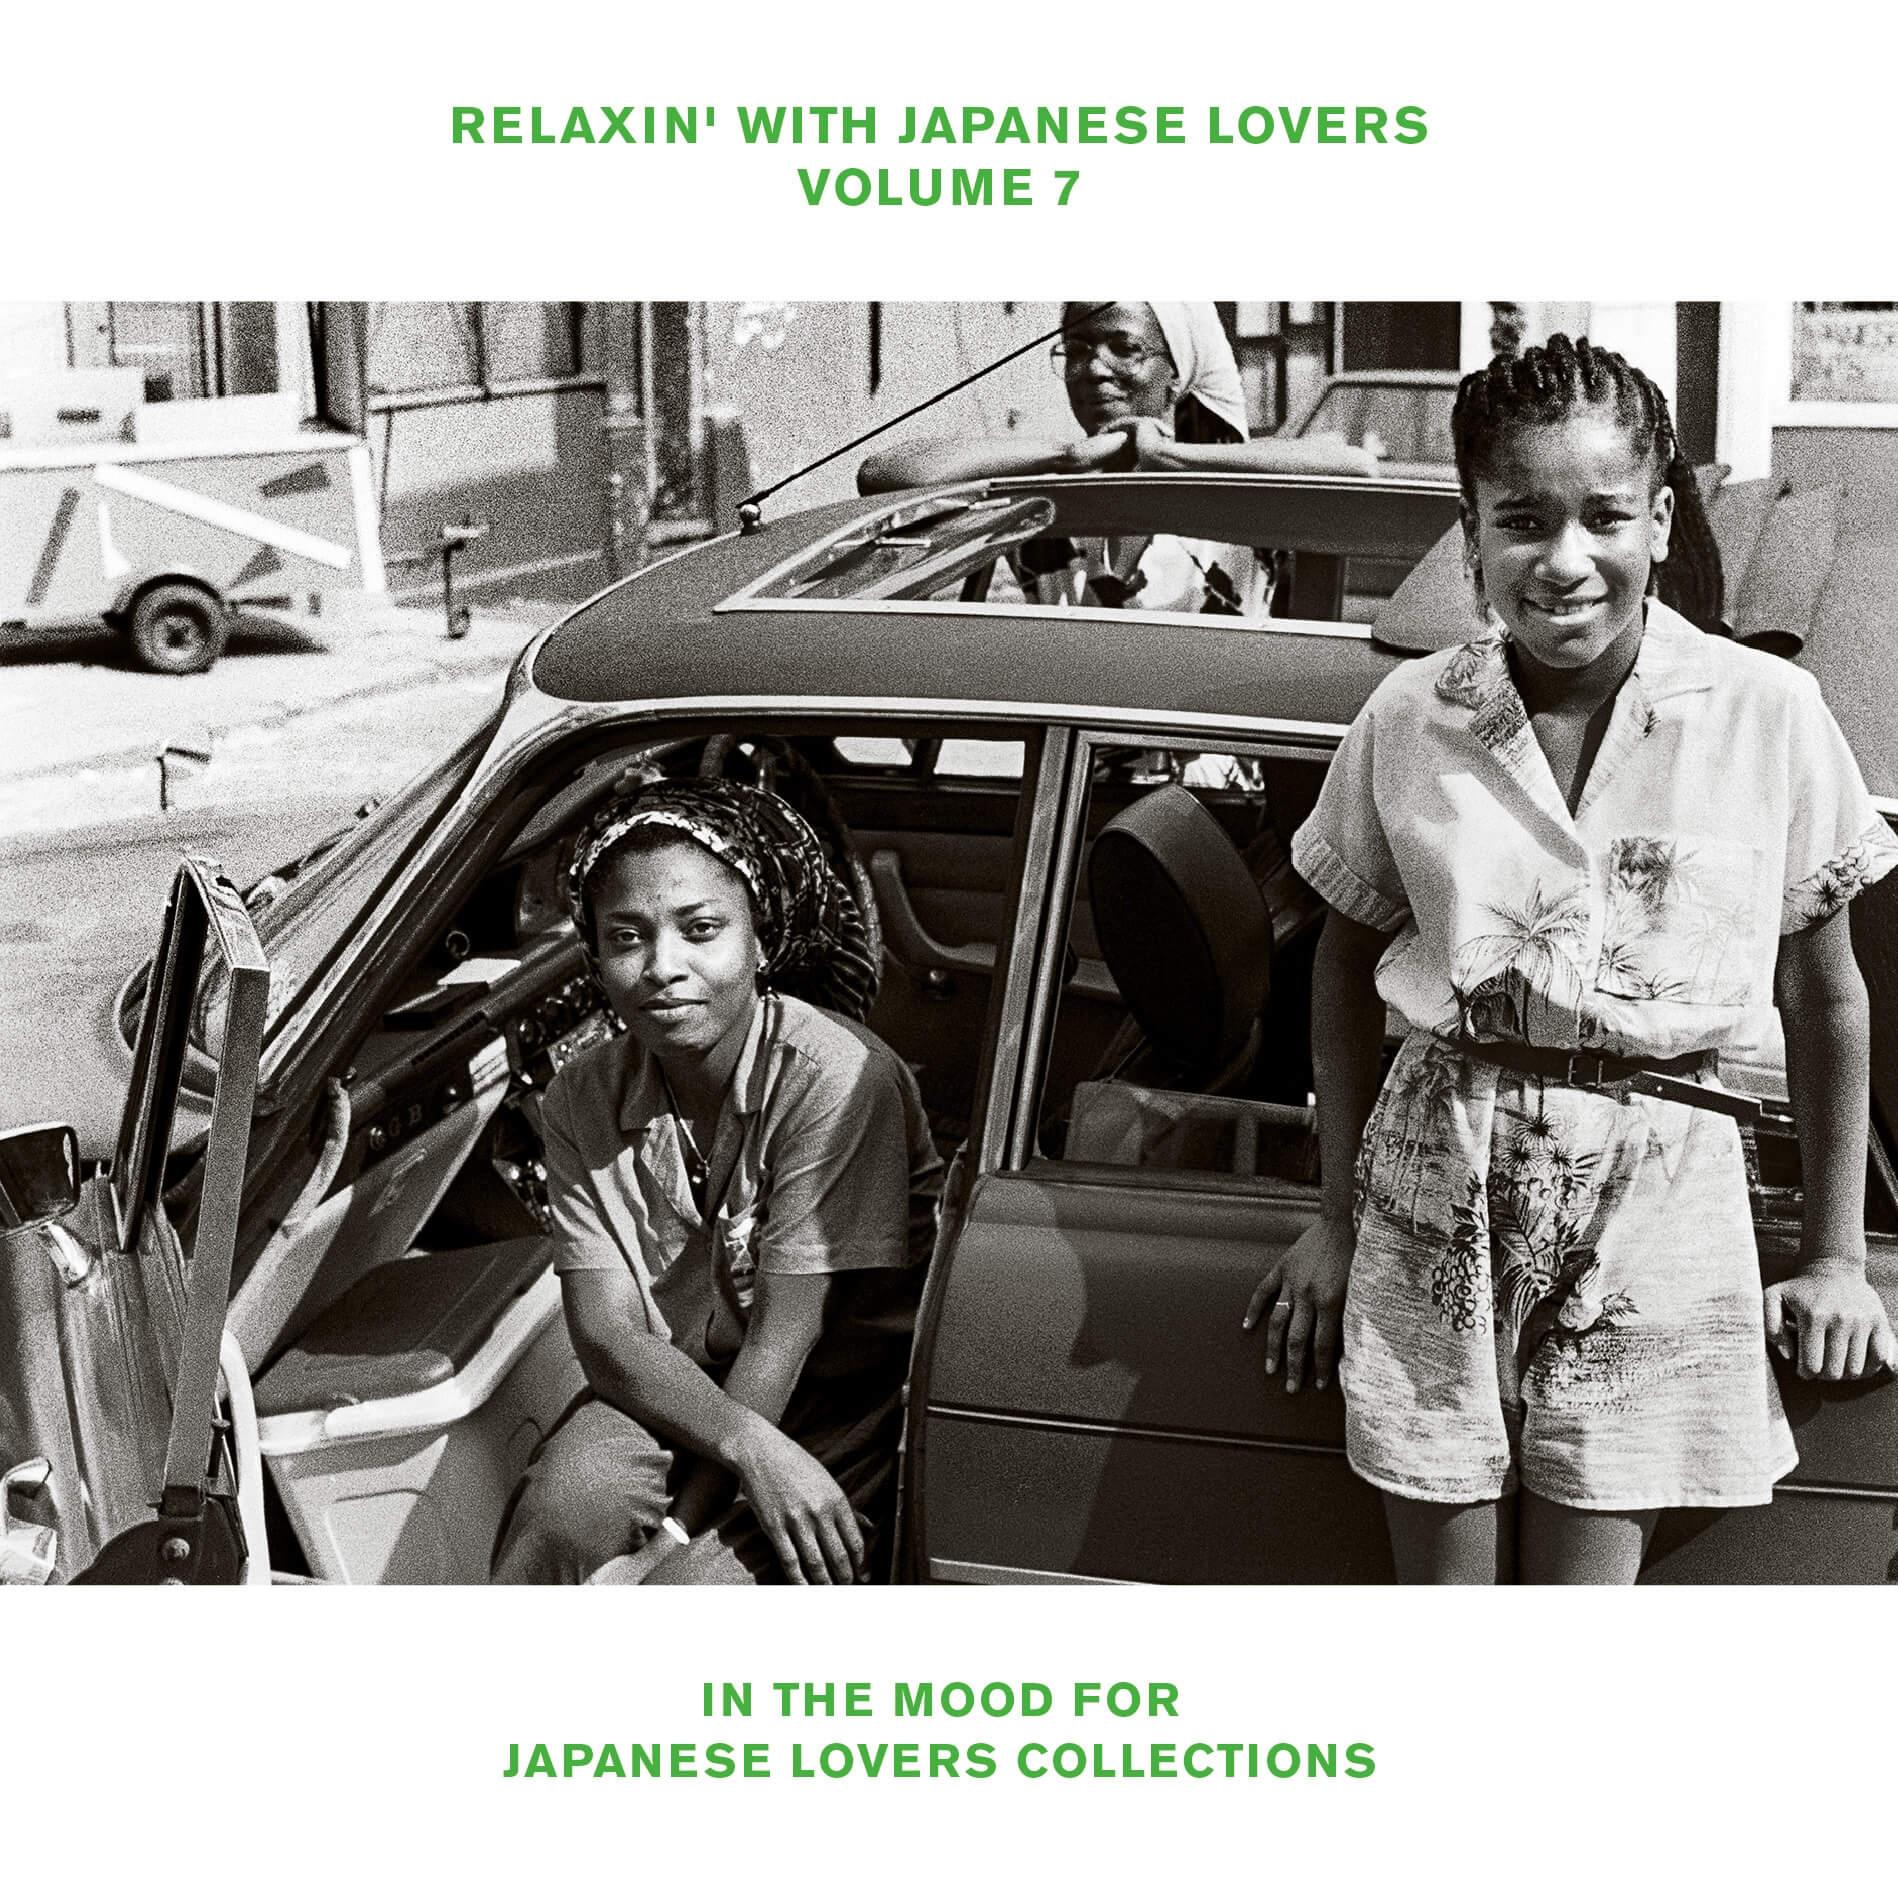 コンピレーション・アルバム「RELAXIN'WITH JAPANESE LOVERS VOLUME 7」発売決定